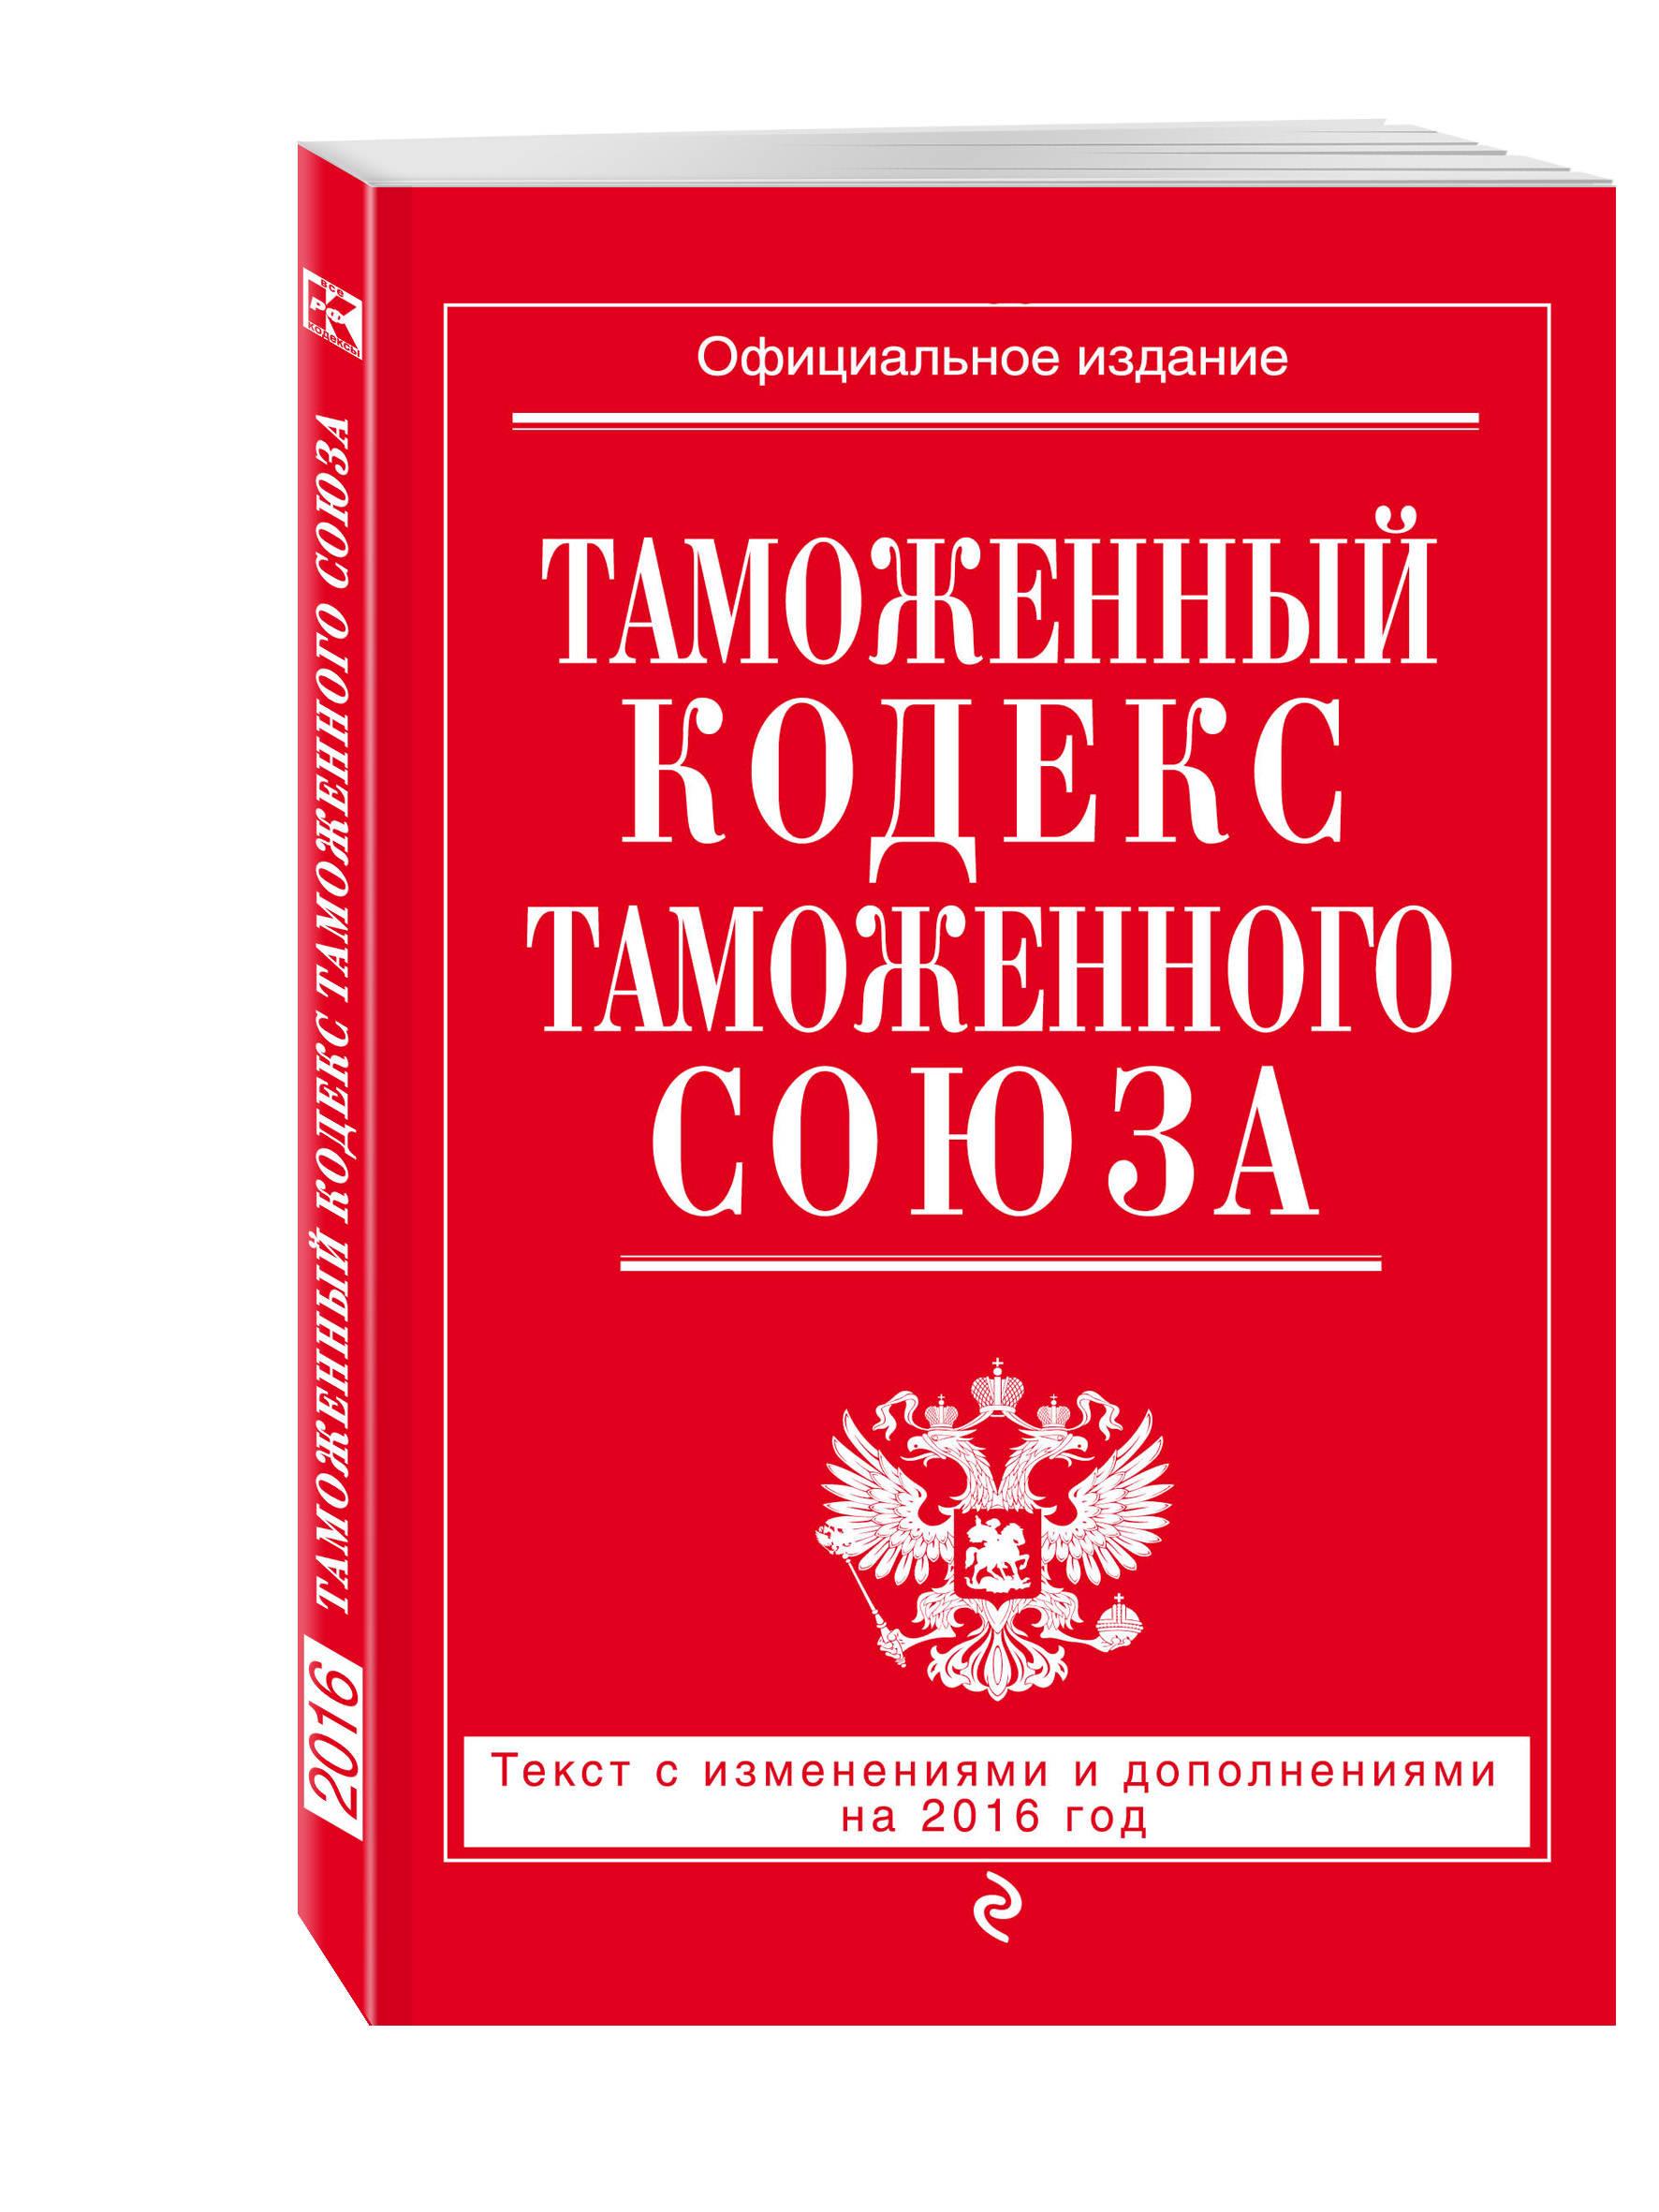 Таможенный кодекс Таможенного союза: текст с изменениями и дополнениями на 2016 г.